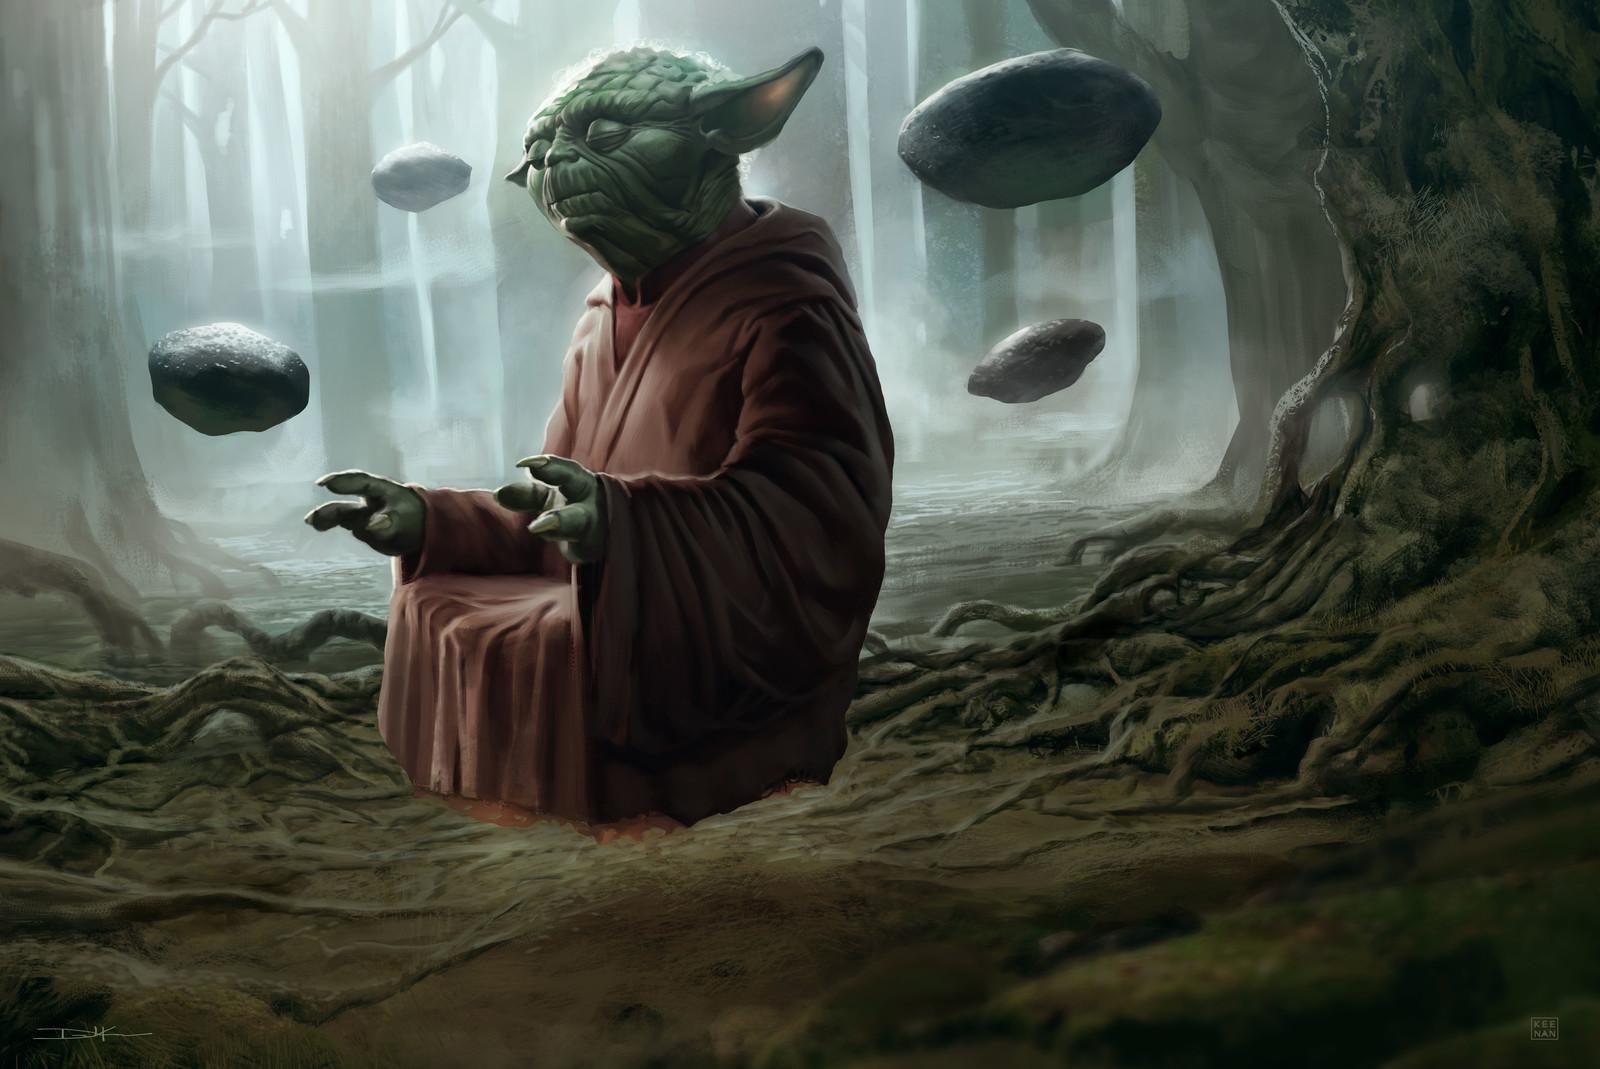 Meditate I Will